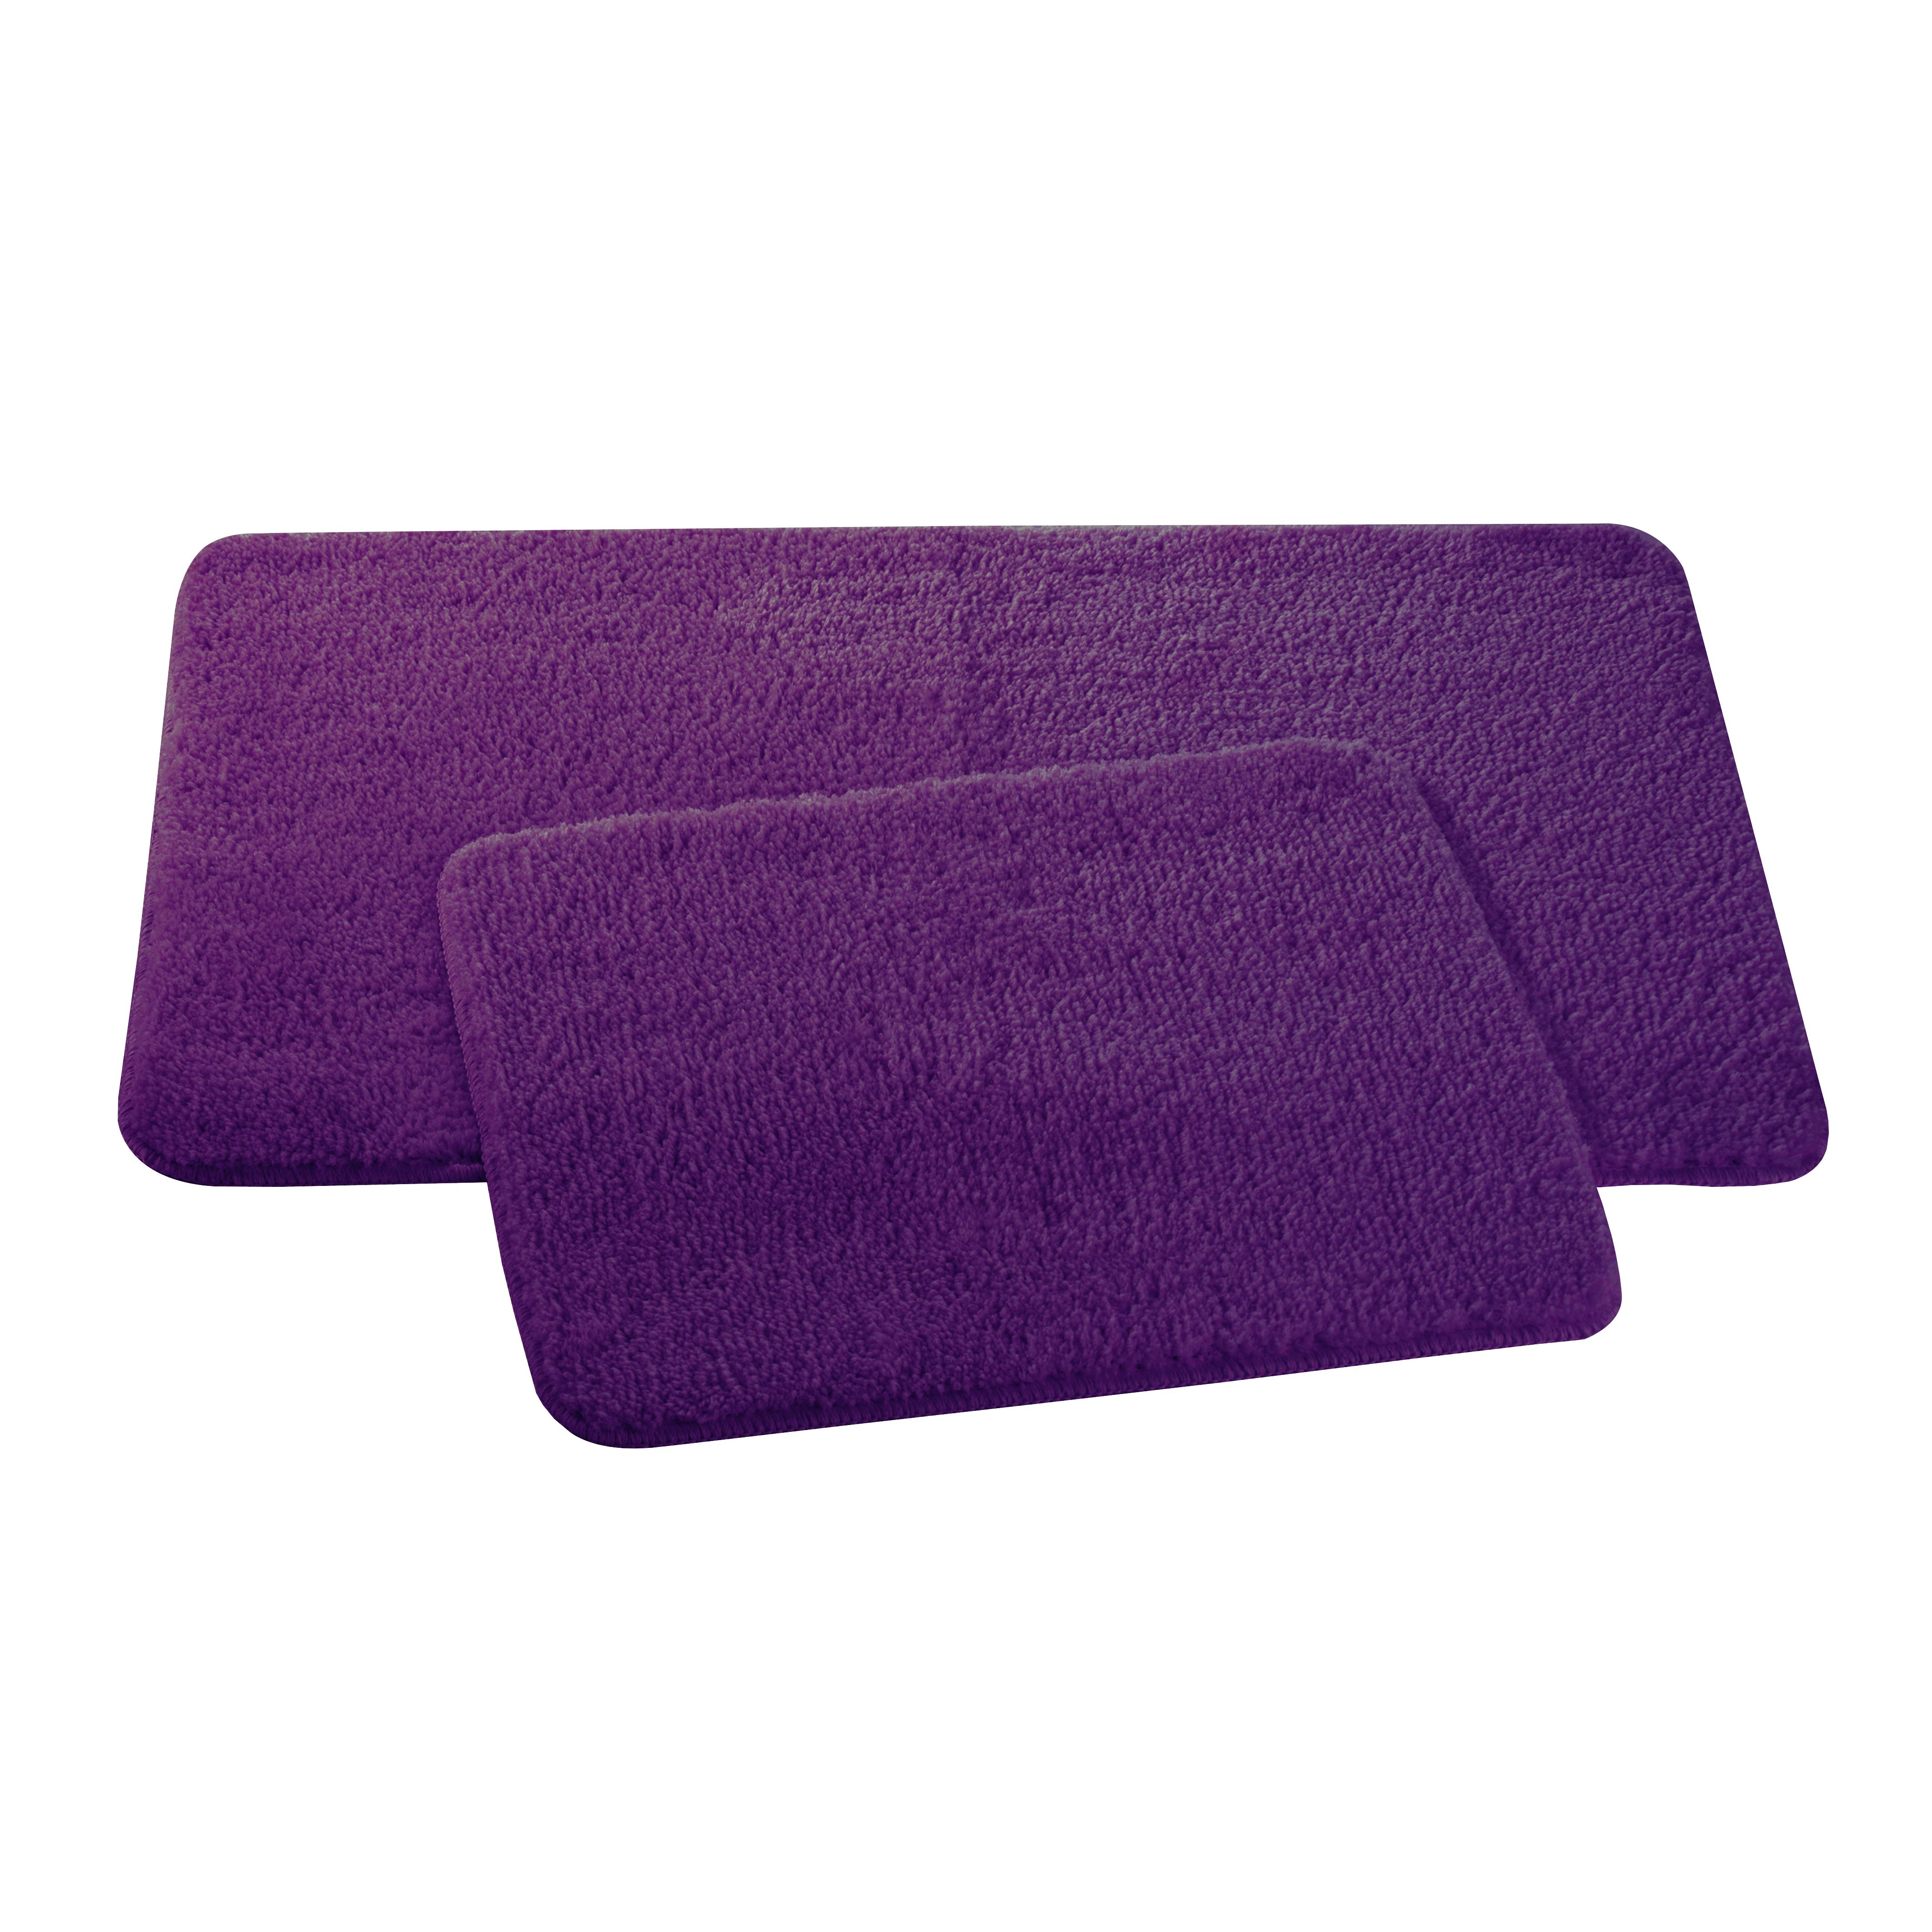 Набор ковриков для ванной и туалета Axentia, цвет: фиолетовый, 2 шт116134Набор Axentia, выполненный из микрофибры (100% полиэстер), состоит из двух стеганых ковриков для ванной комнаты и туалета. Противоскользящее основание изготовлено из термопластичной резины и подходит для полов с подогревом. Коврики мягкие и приятные на ощупь, отлично впитывают влагу и быстро сохнут. Высокая износостойкость ковриков и стойкость цвета позволит вам наслаждаться покупкой долгие годы. Можно стирать в стиральной машине. Размер ковриков: 50 х 80 см; 50 х 40 см. Высота ворса 1,5 см.